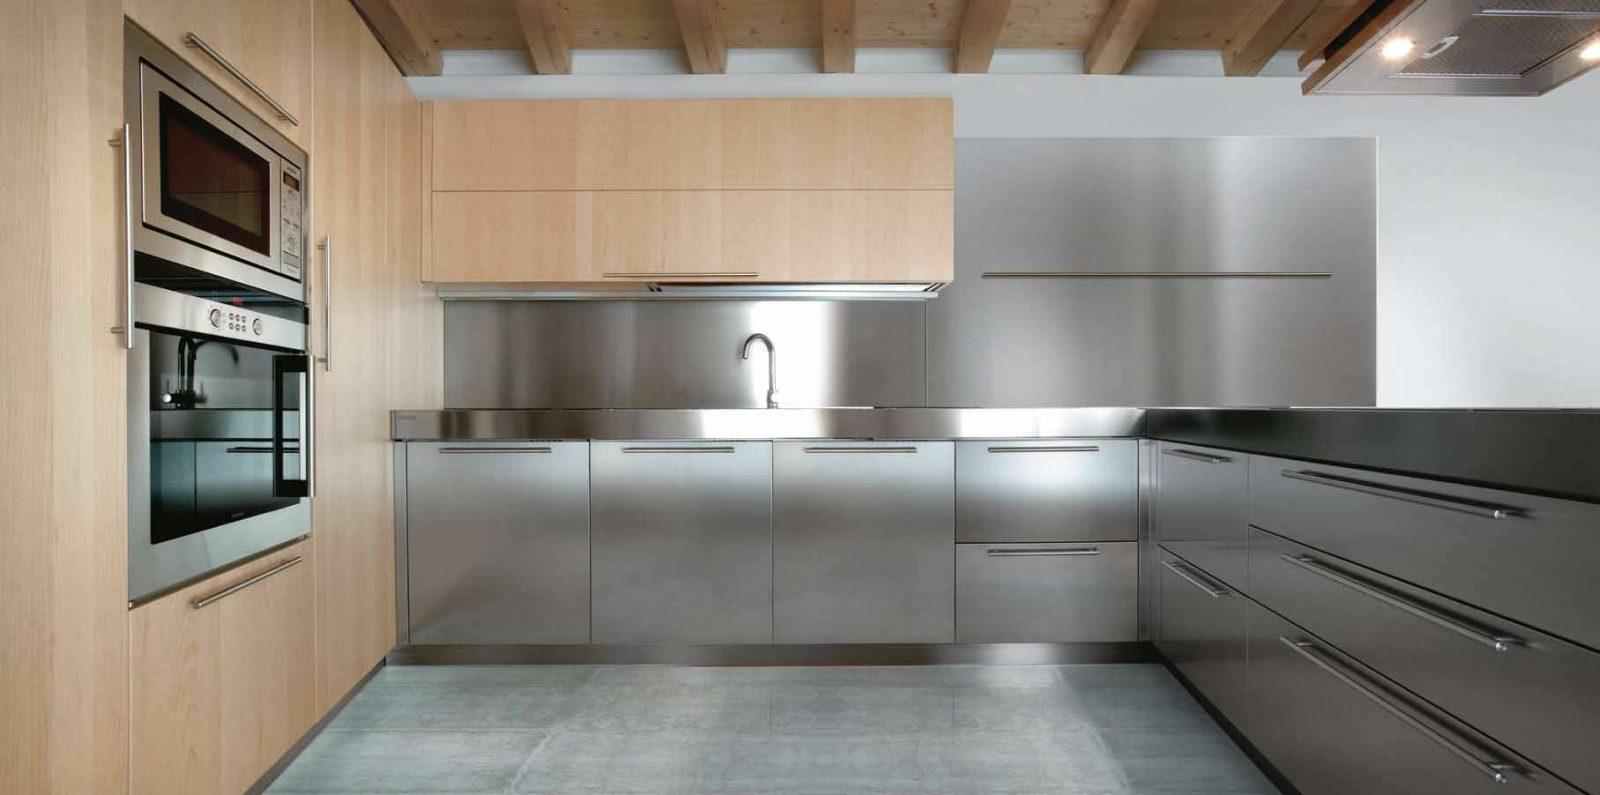 Galería de imágenes: Cocinas en acero inoxidable